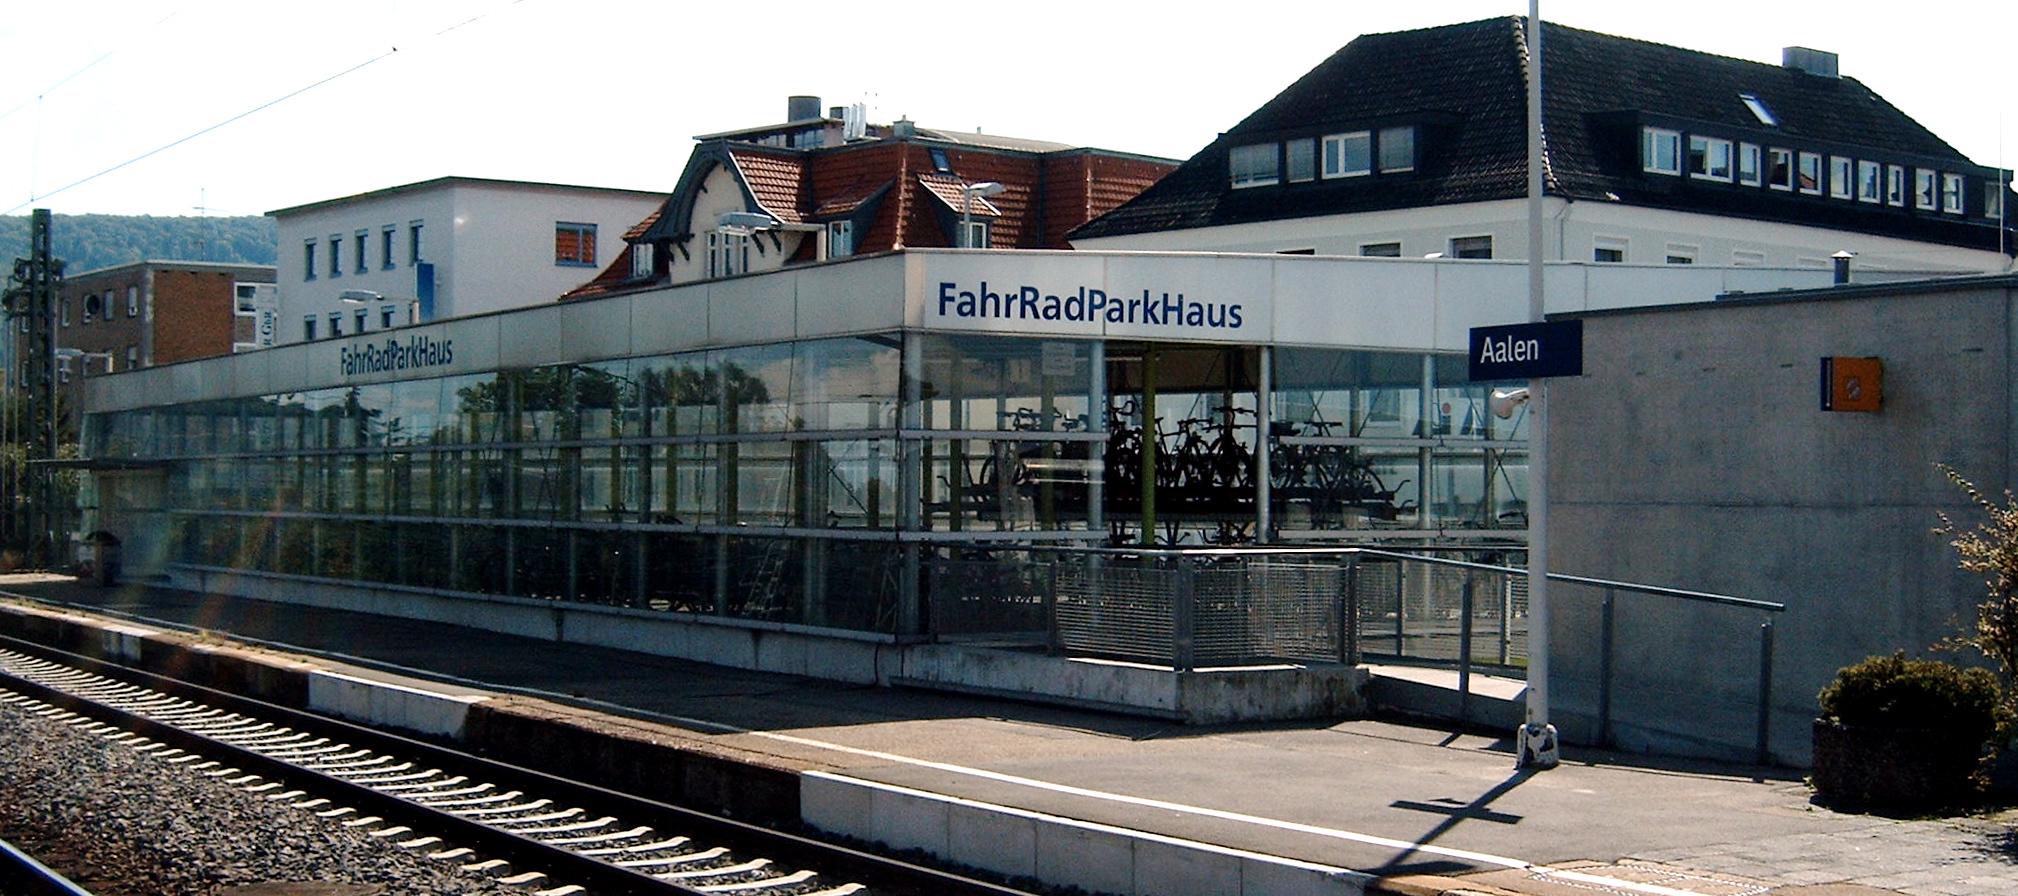 Dating aalen Aalen in Zahlen - Stadt Aalen